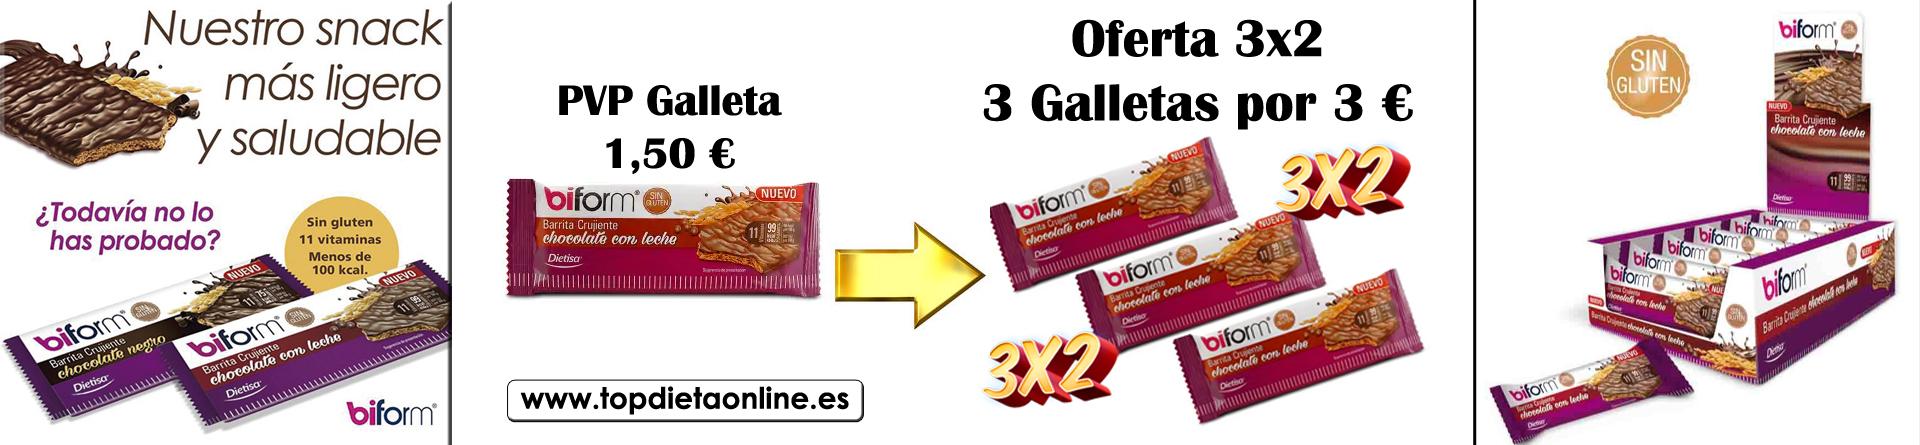 3x2 galletas crujientes chocolate con leche de Biform